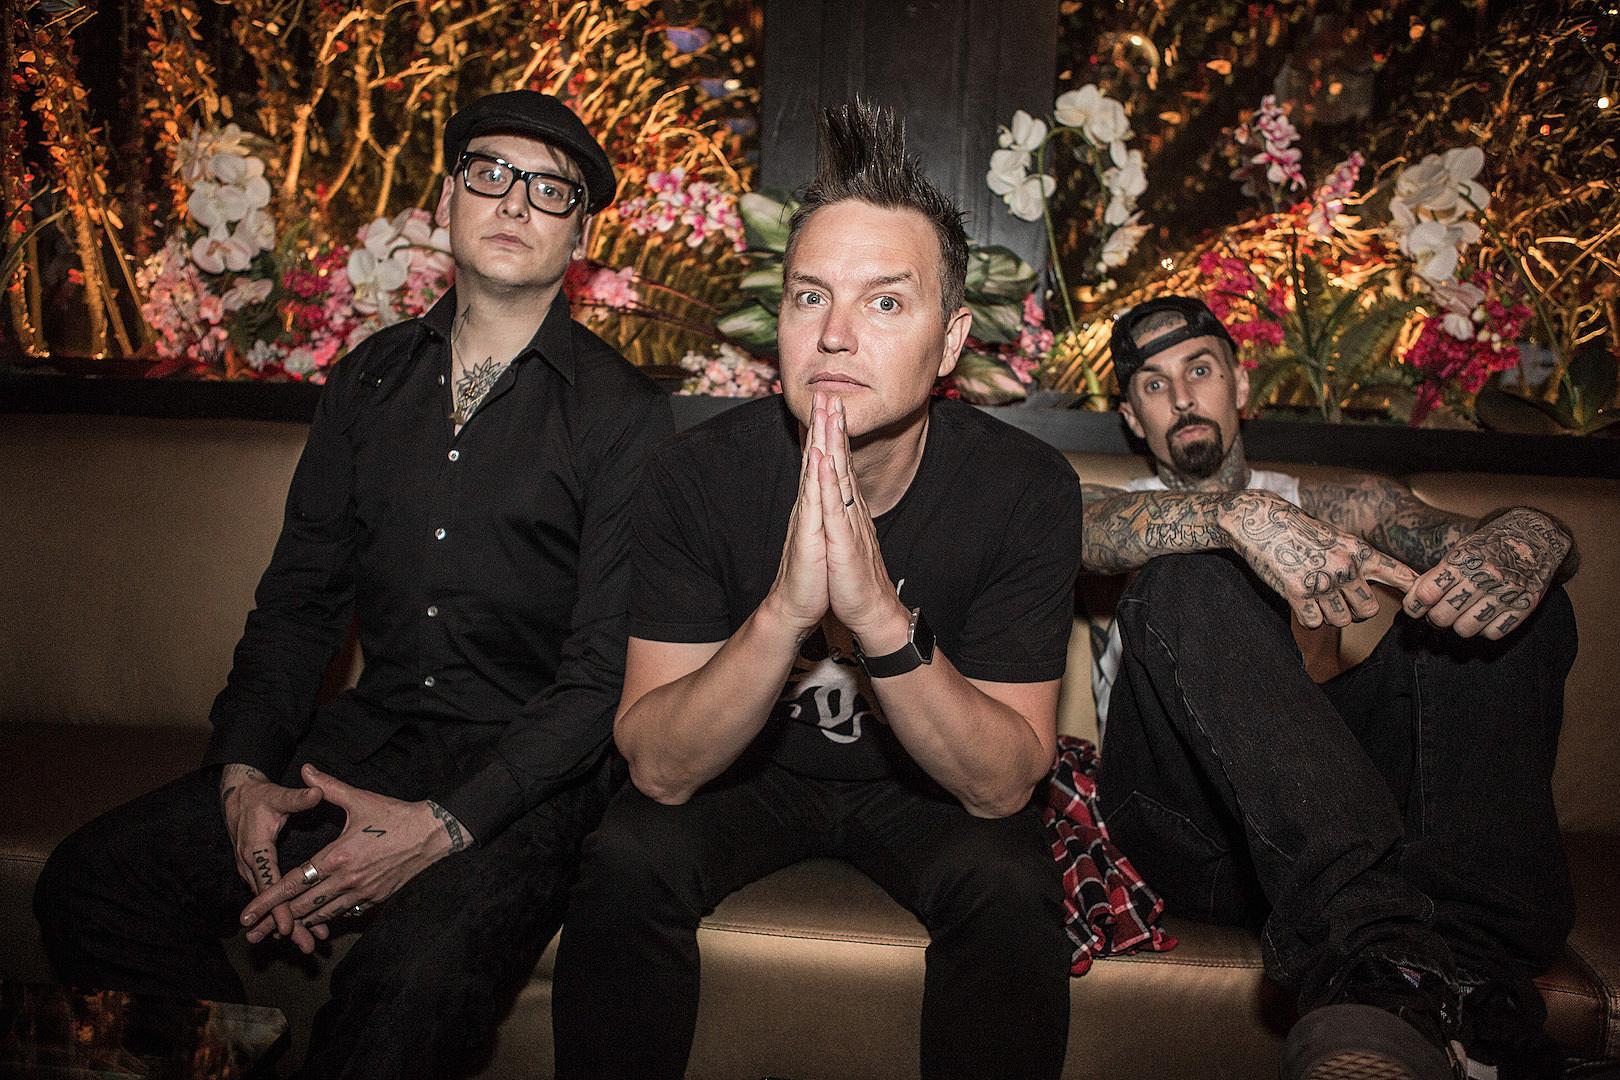 Blink 182 To Headline 2019 Riot Fest